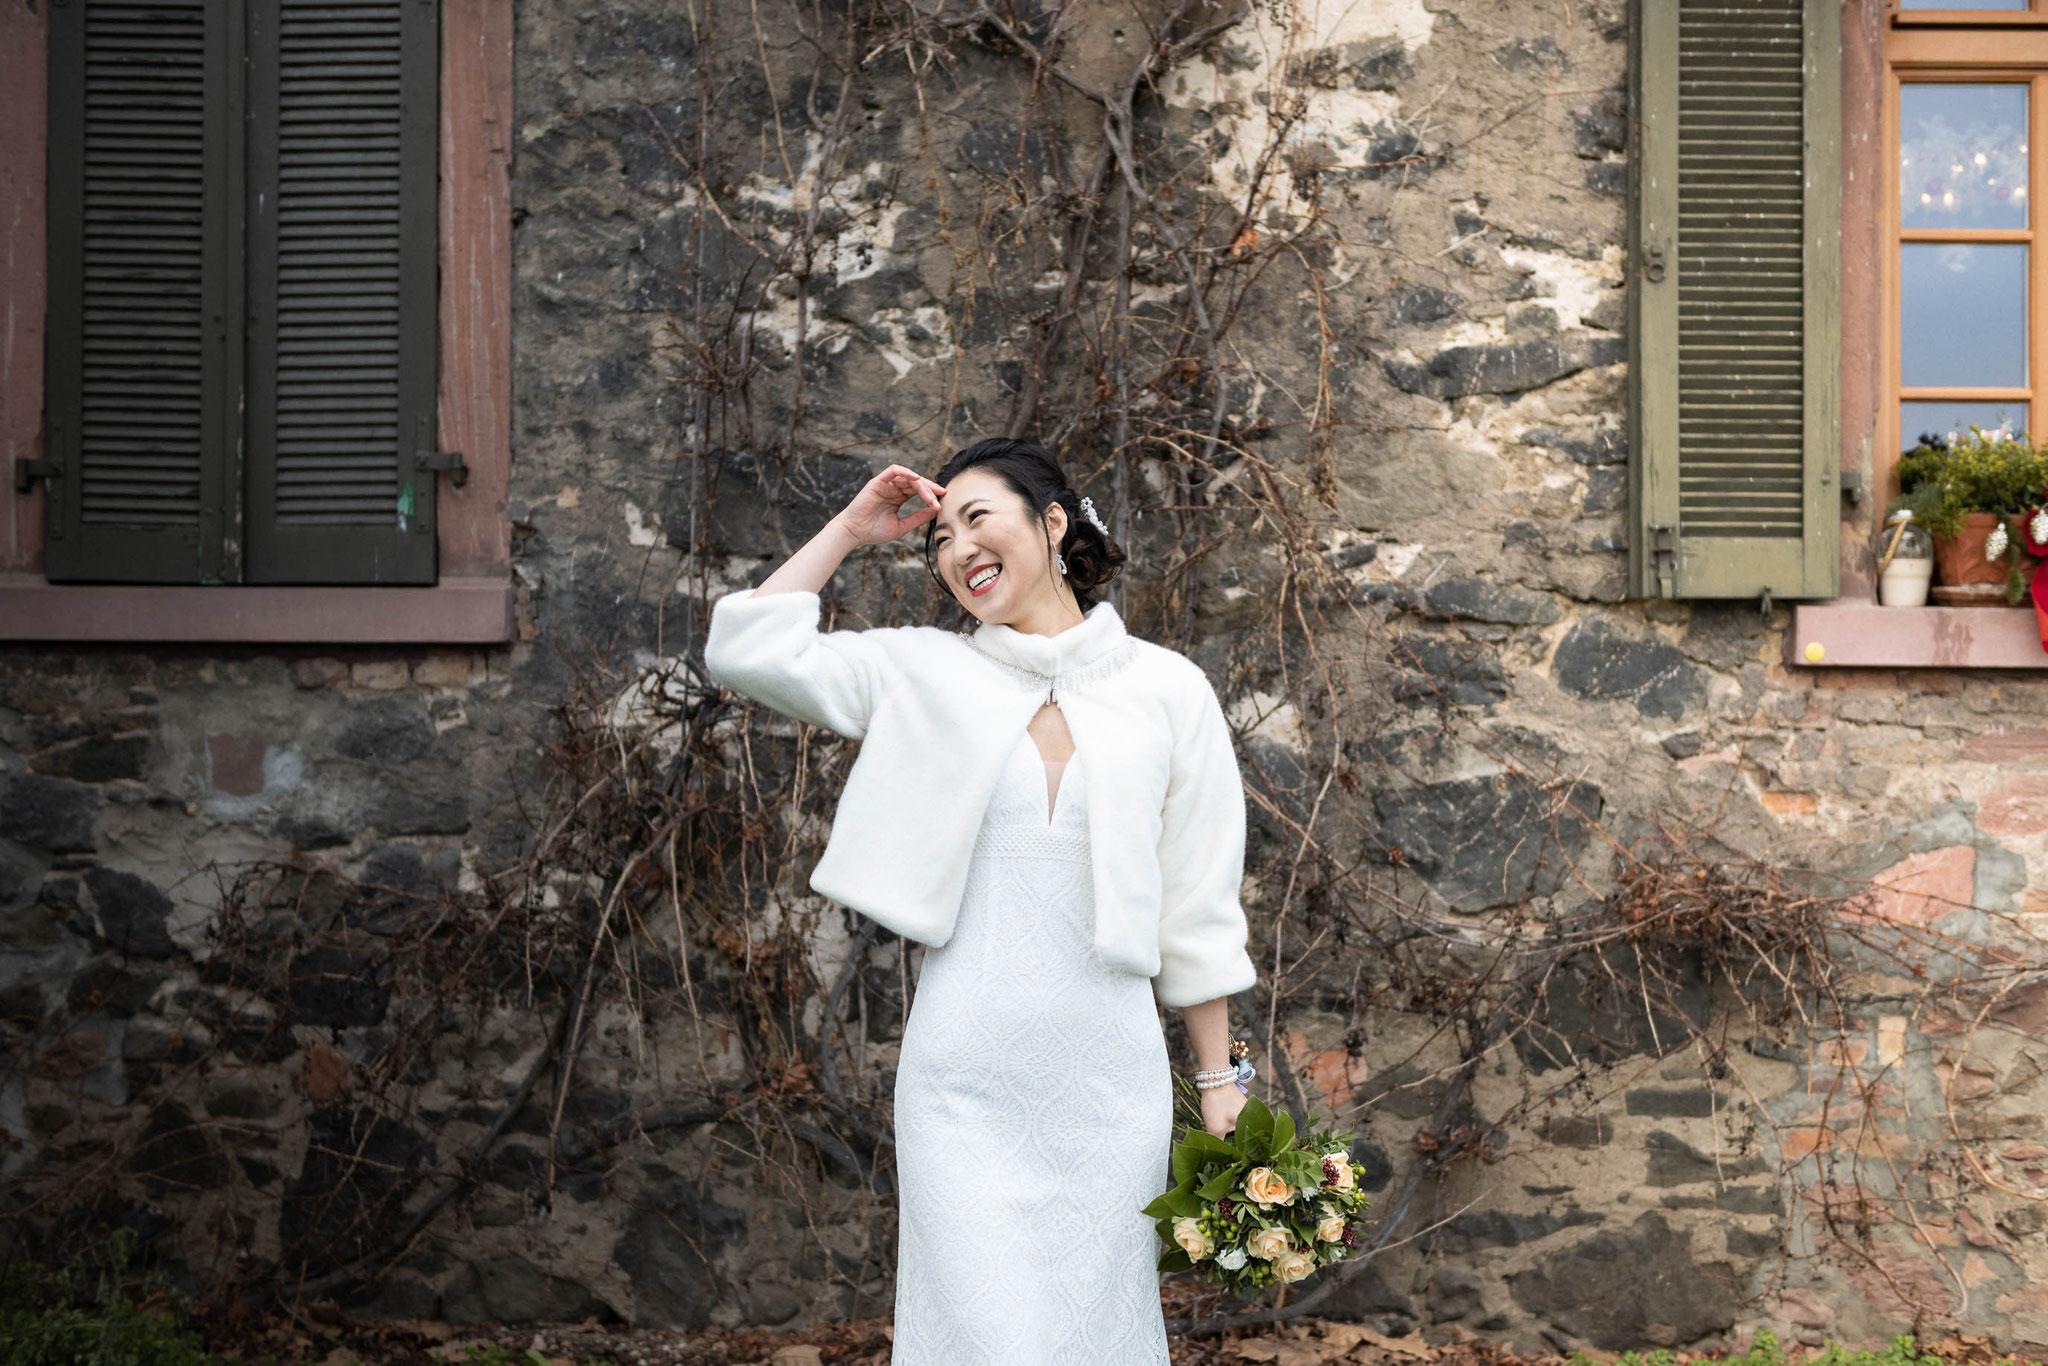 Hochzeit-Shooting mit der Braut oder Brautshooting